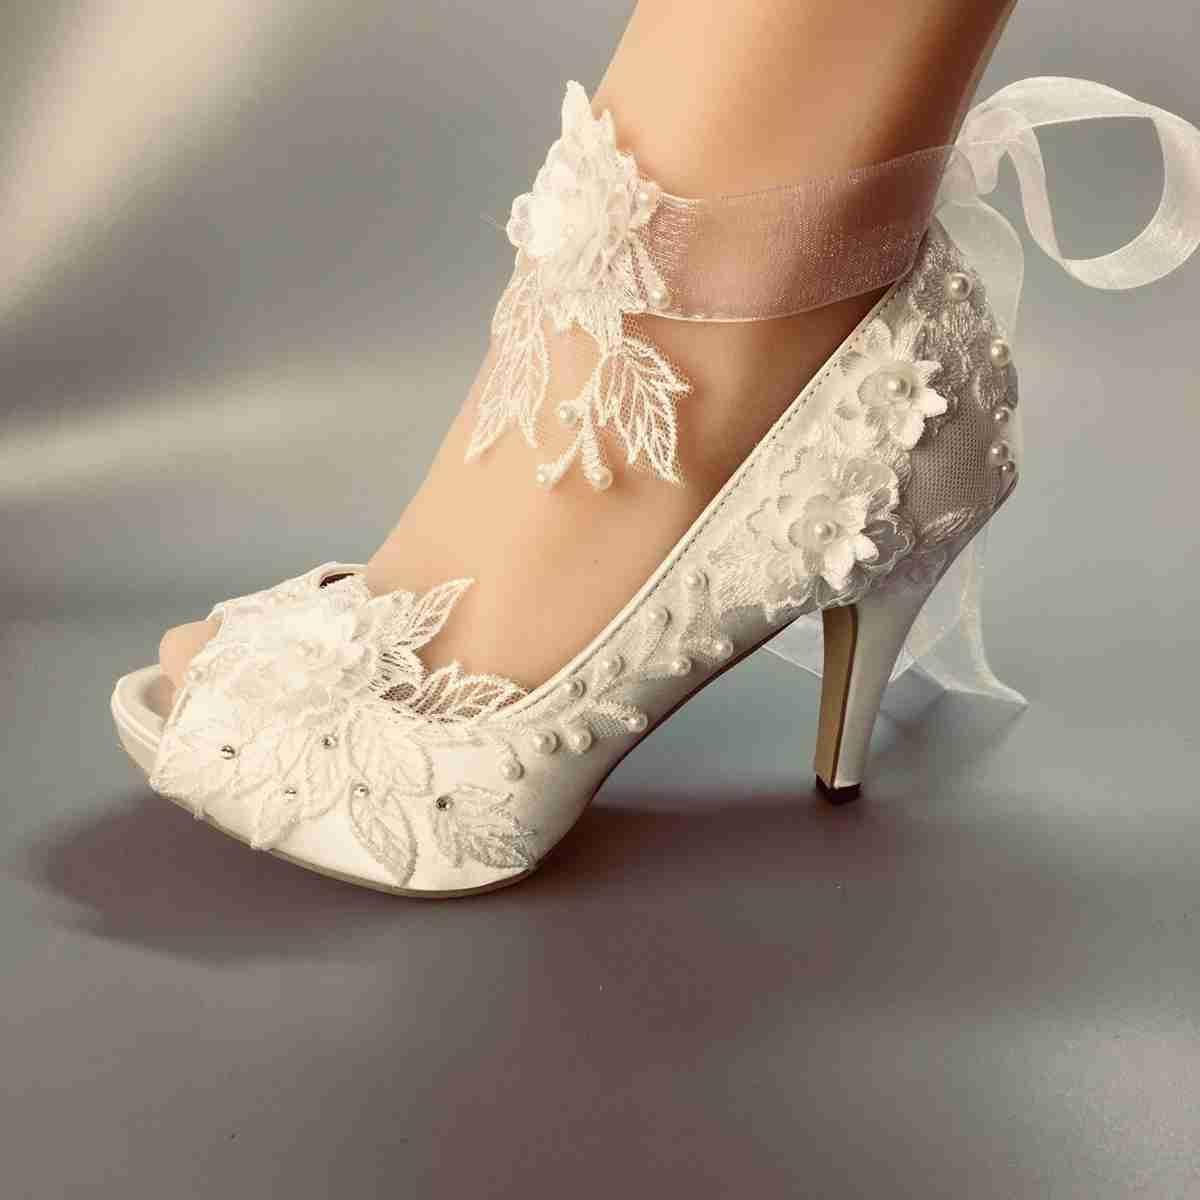 Bridal Shoes Garden Wedding: Acheter Chaussures De Mariage Imperméable Blanc Ivoire